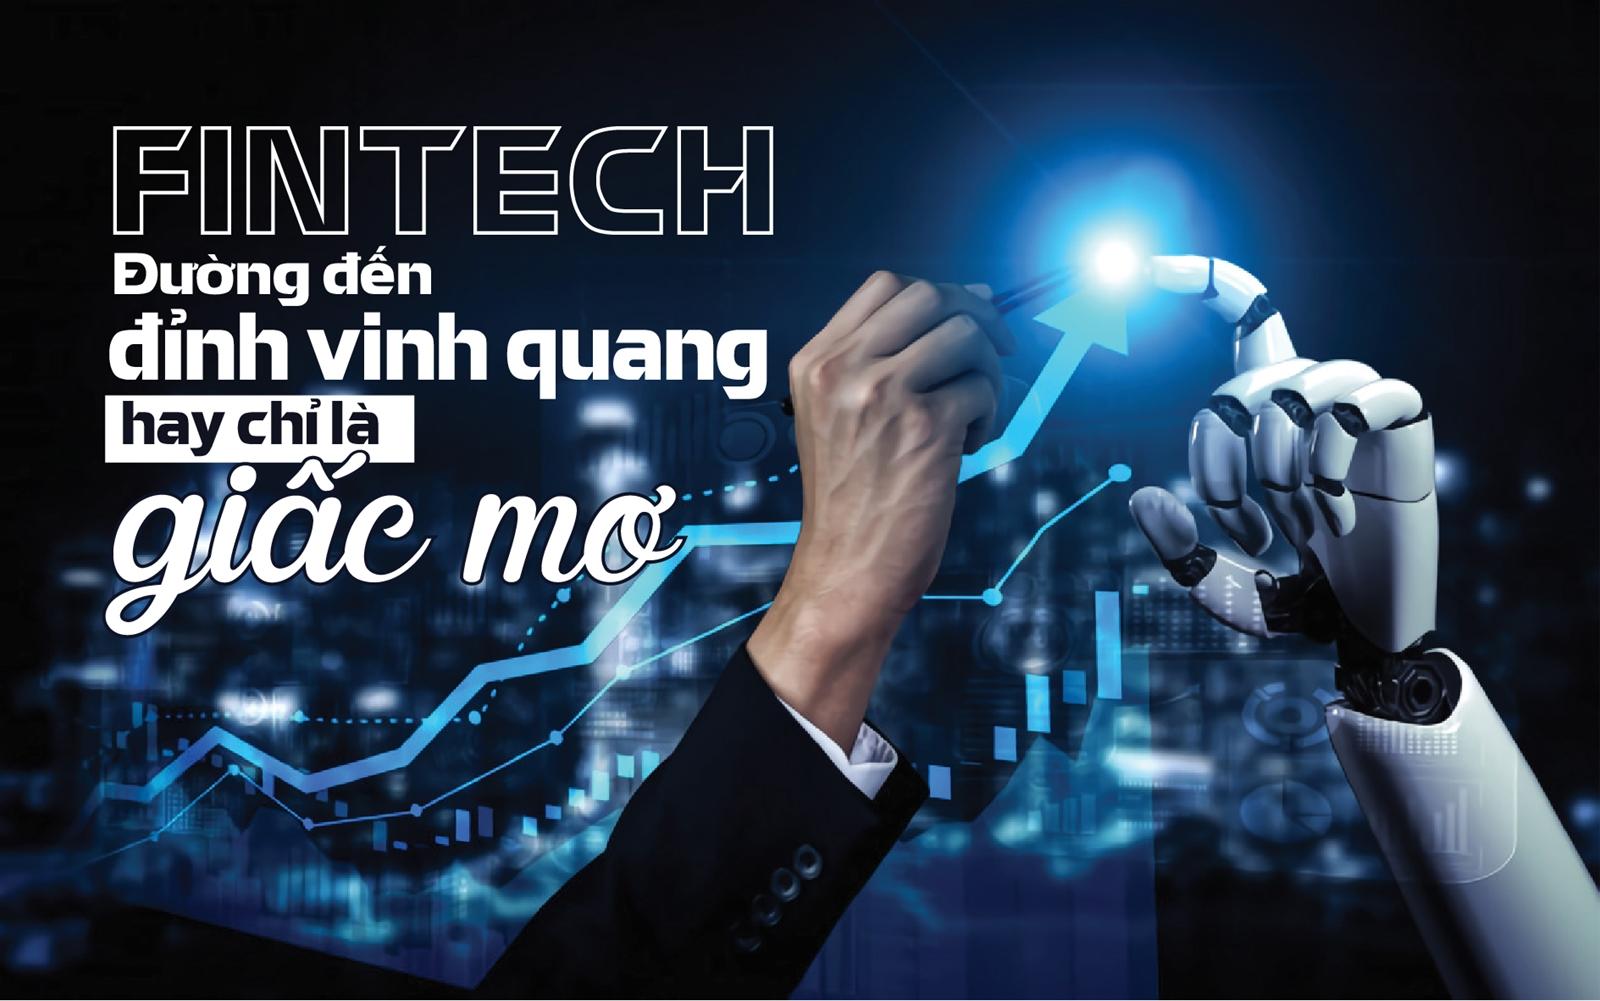 Fintech - Đường đến đỉnh vinh quang hay chỉ là giấc mơ?